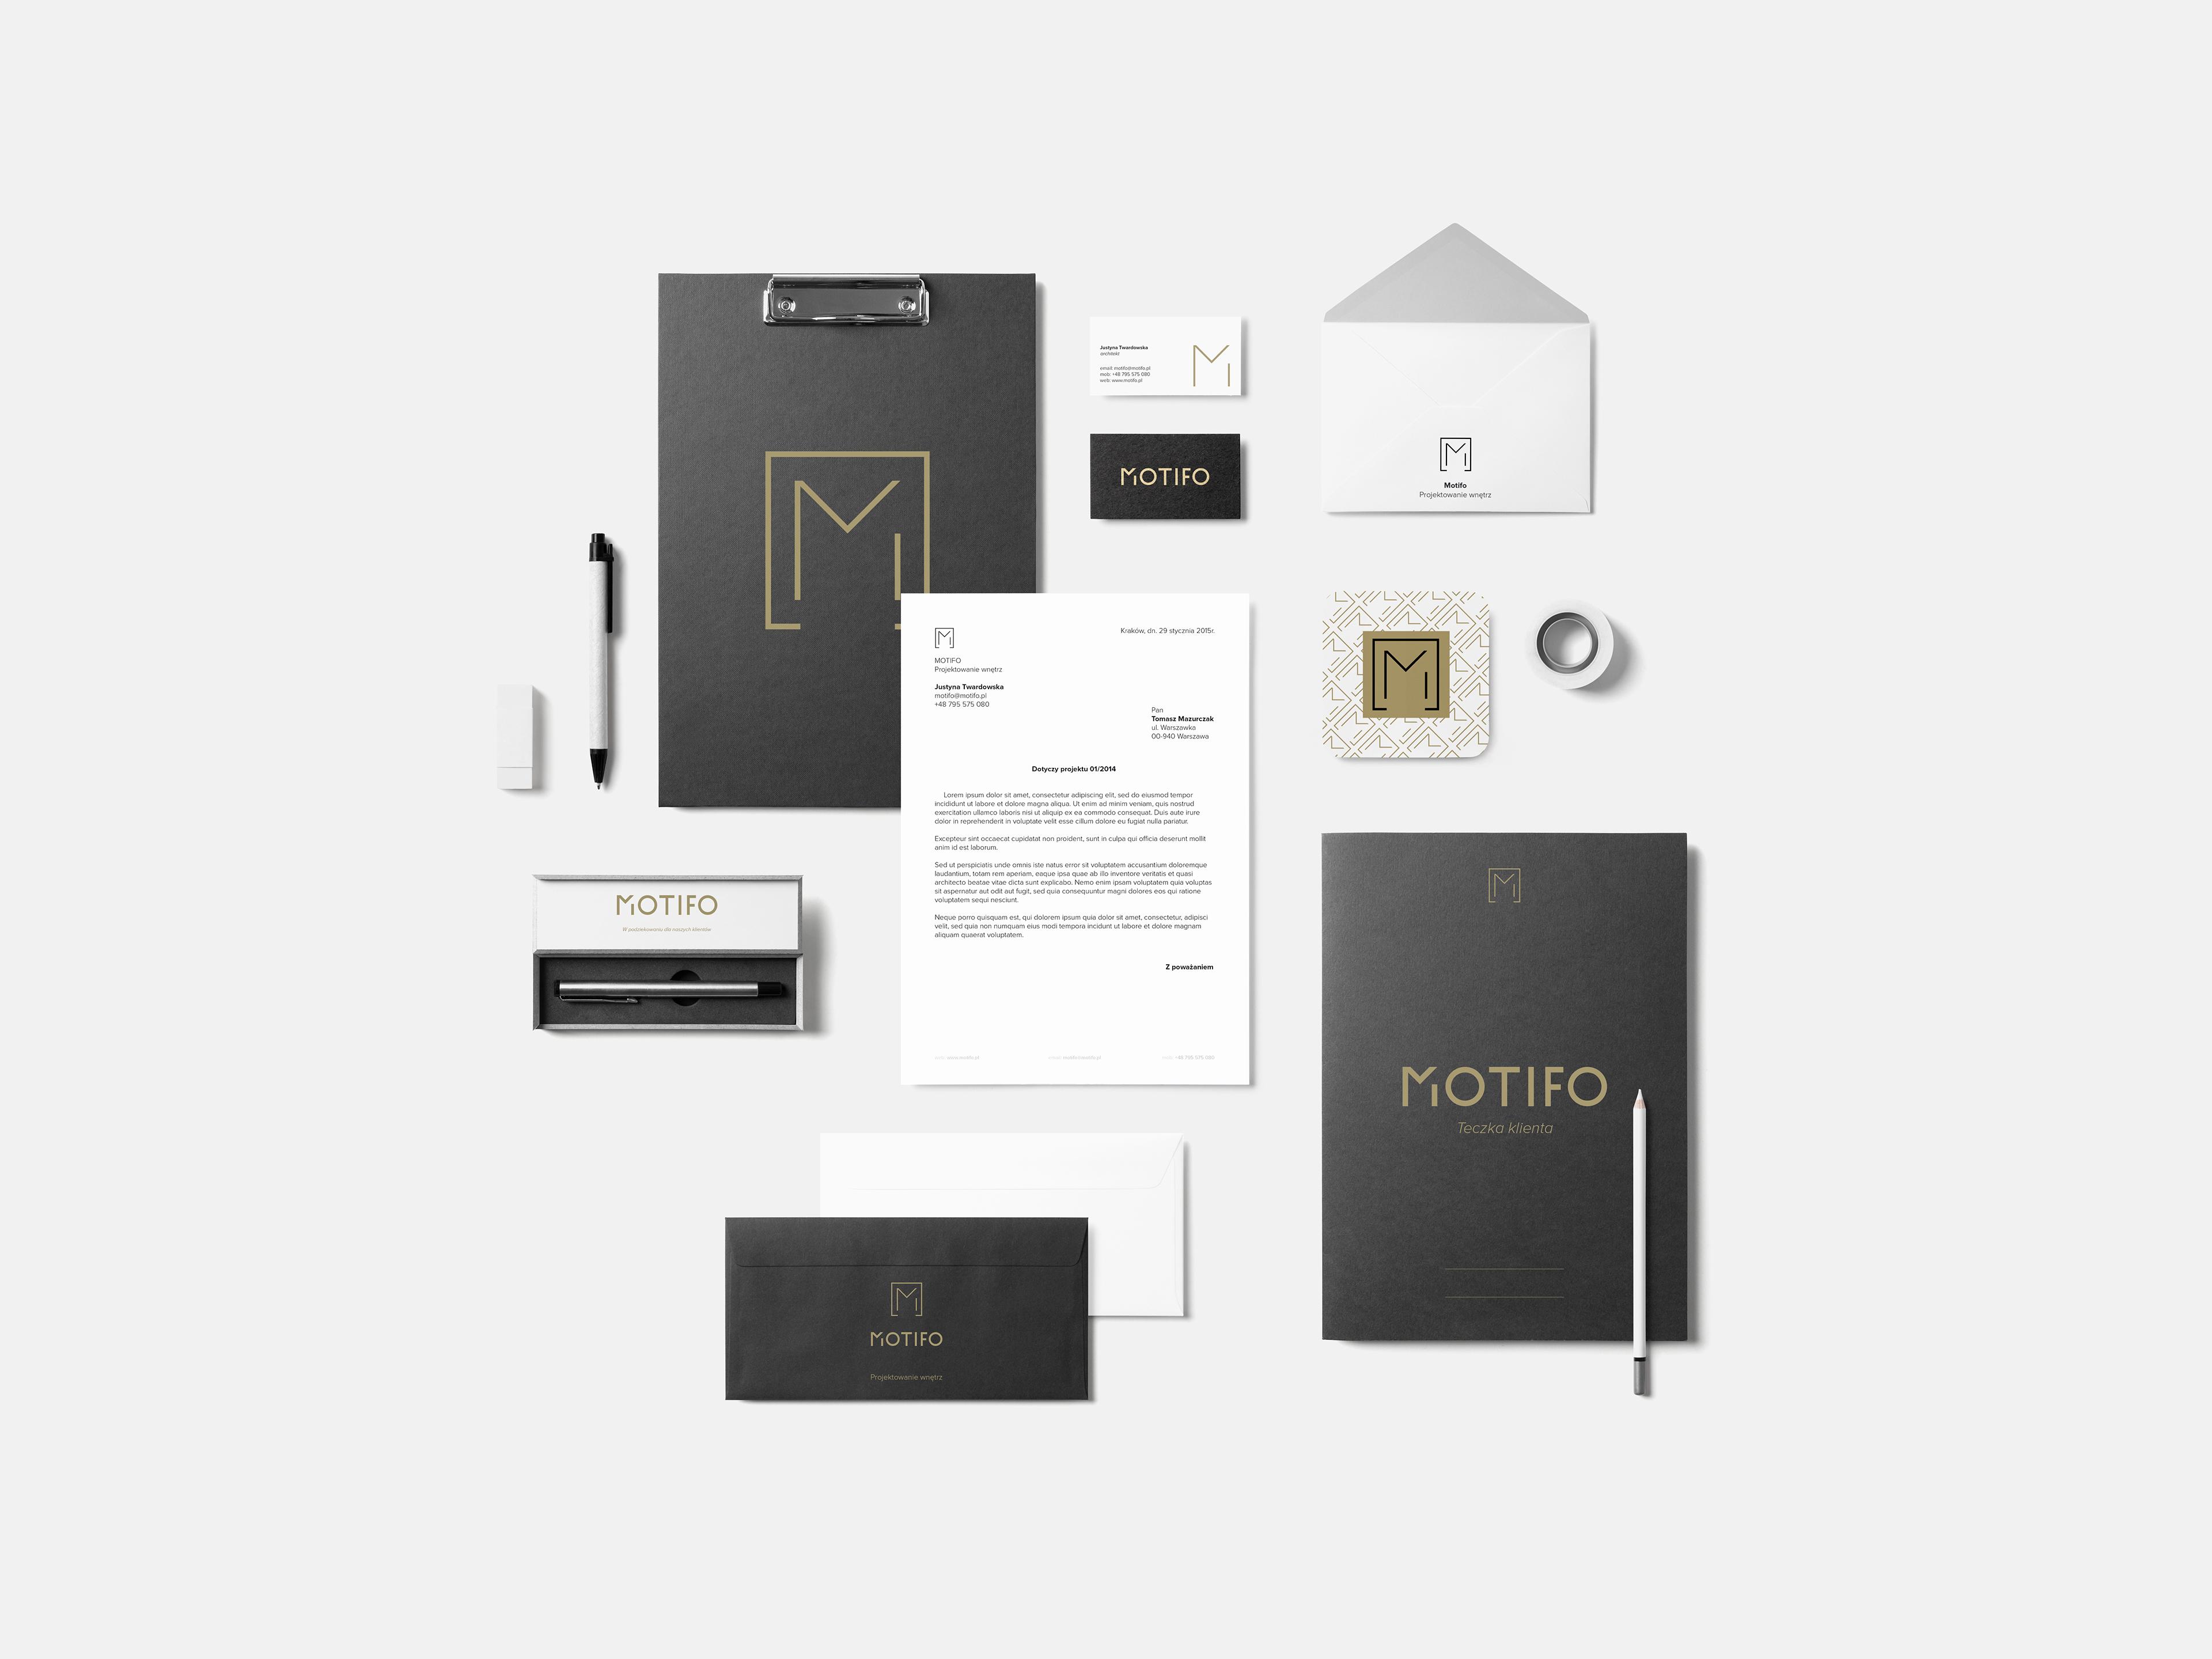 MOTIFO Interior Design Architect